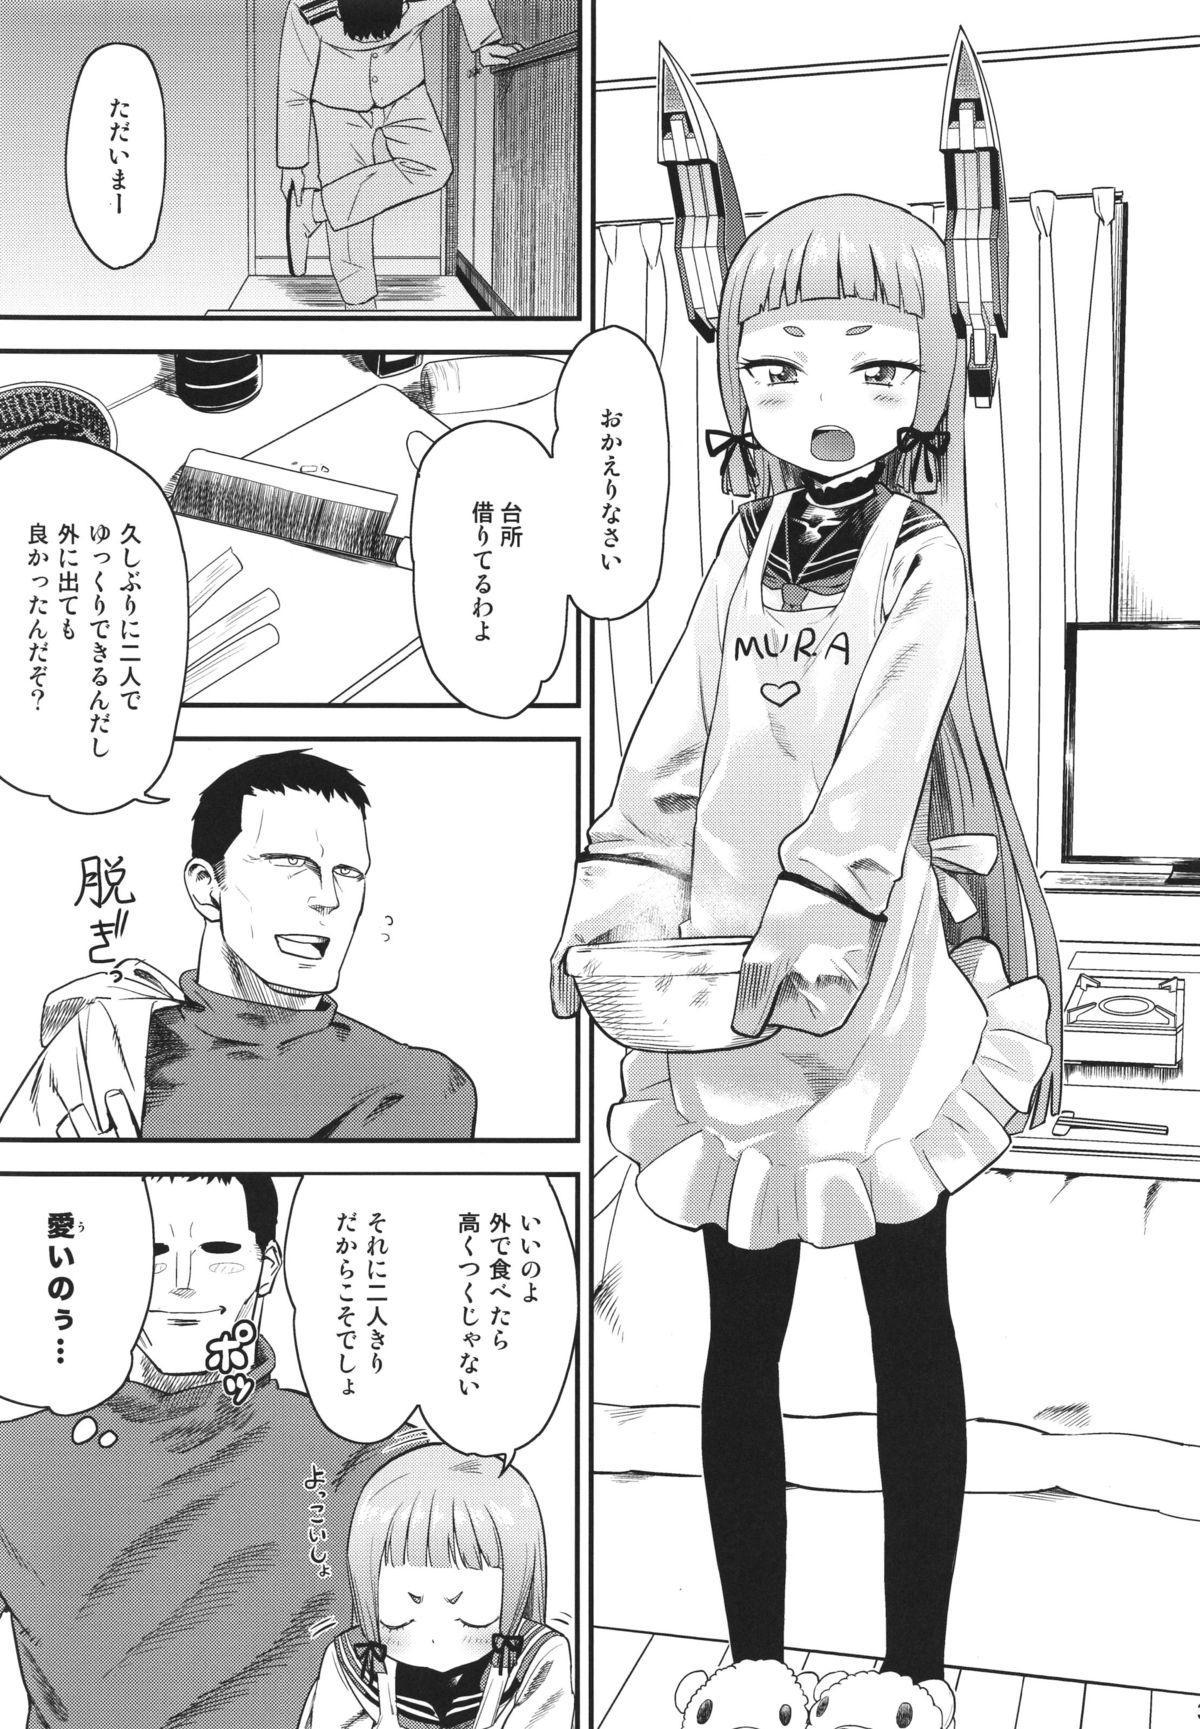 MuraMura! Fuyu 4